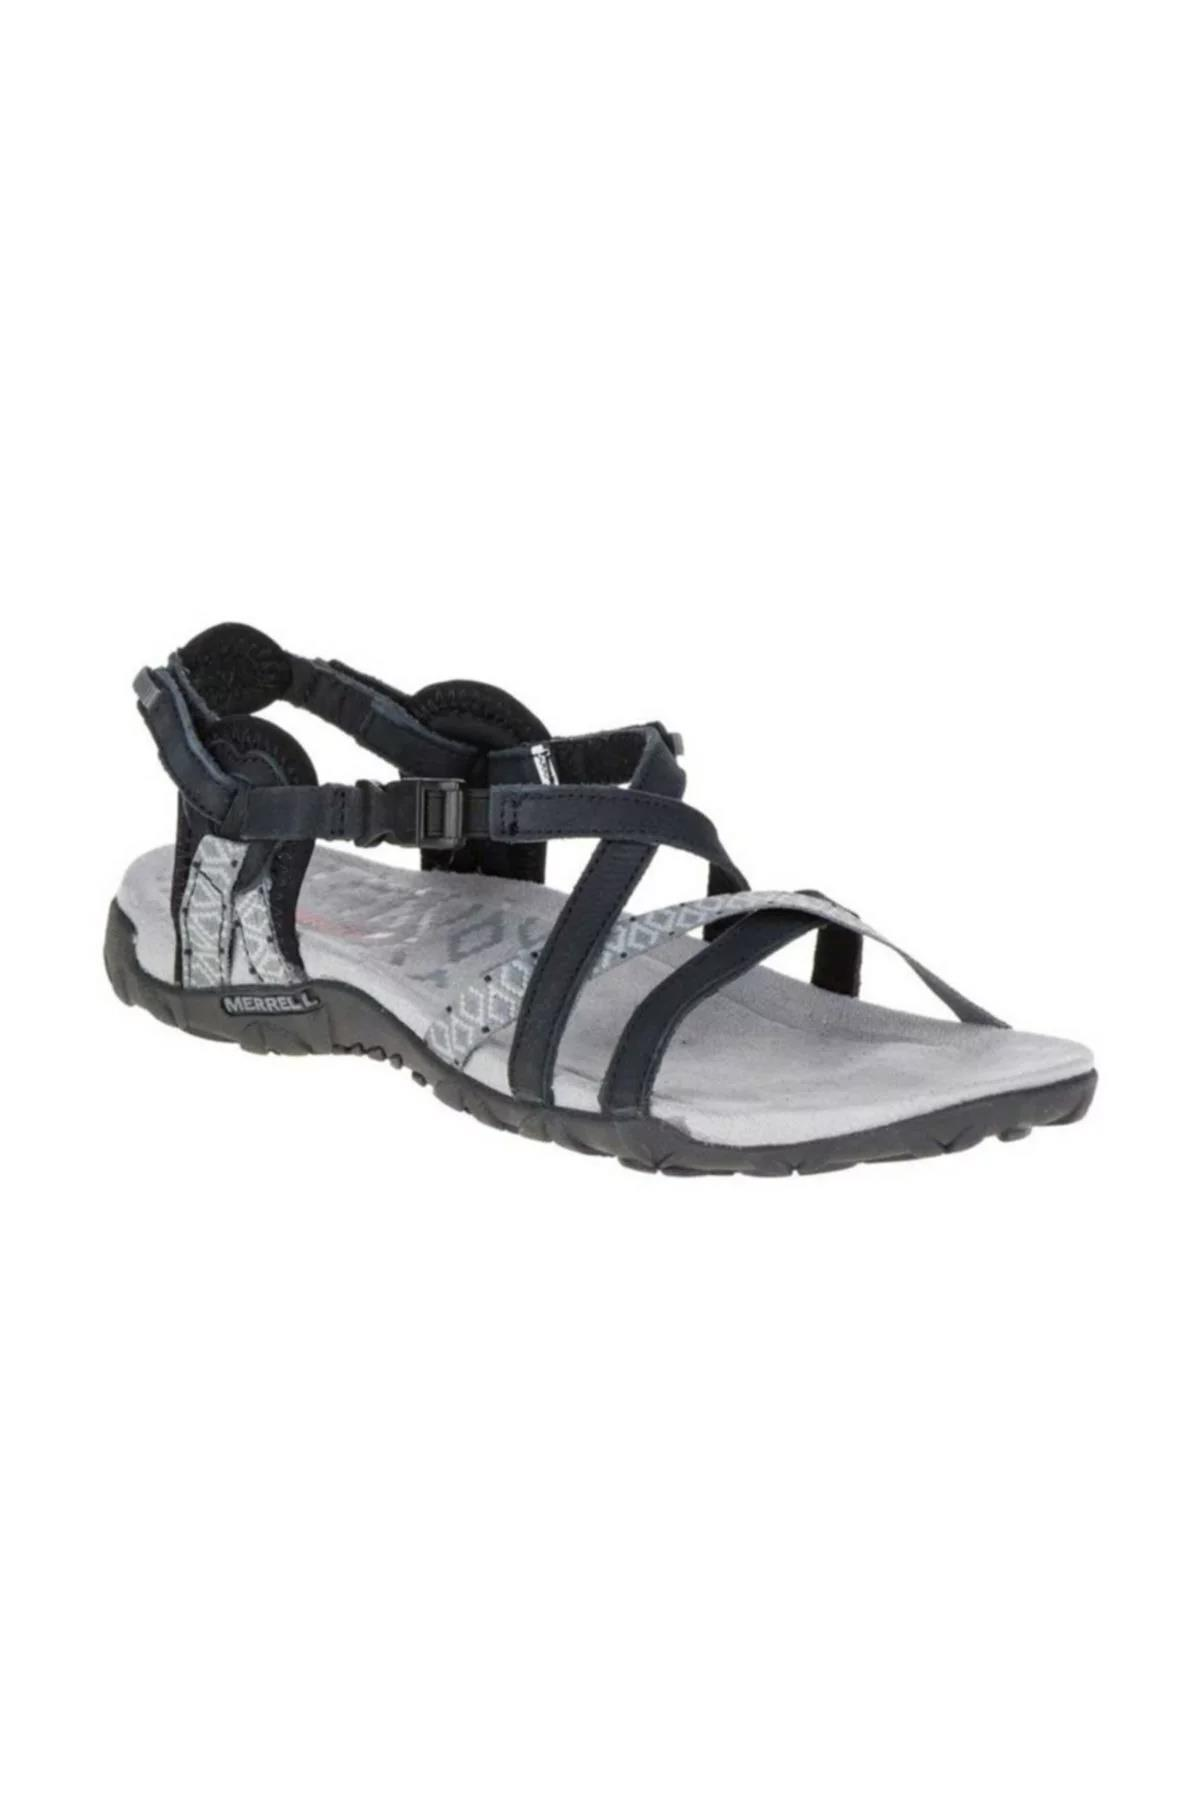 Merrel Terran Lattıce II Bayan Ayakkabısı J55318